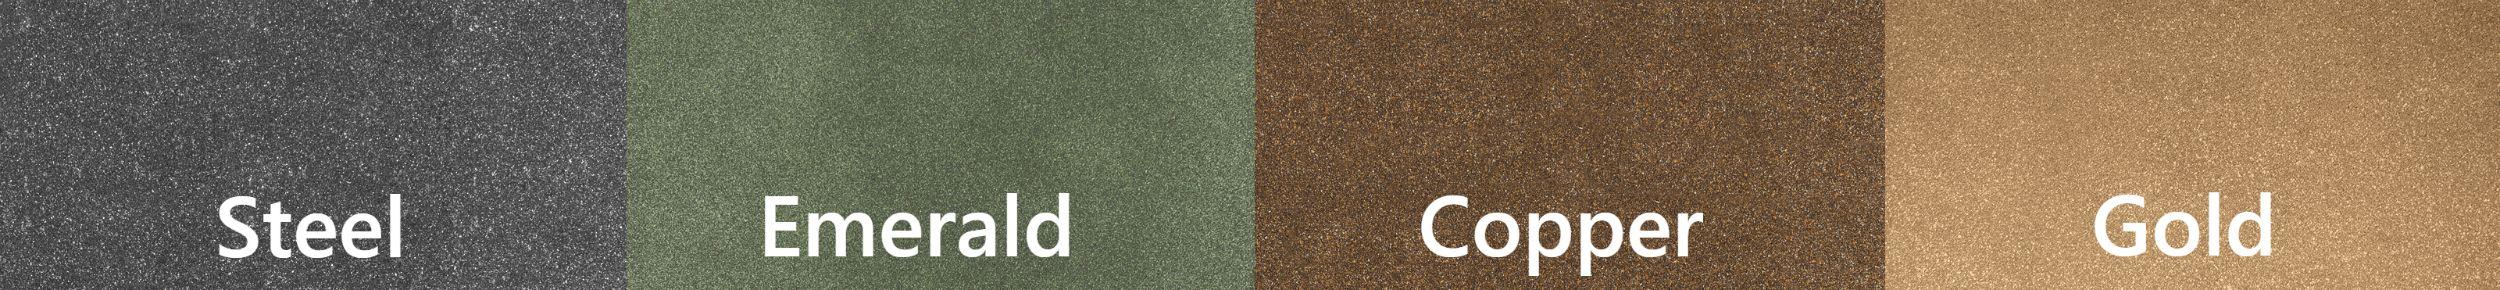 iMovR EcoLast Premium Designer Granite Mats All Colors